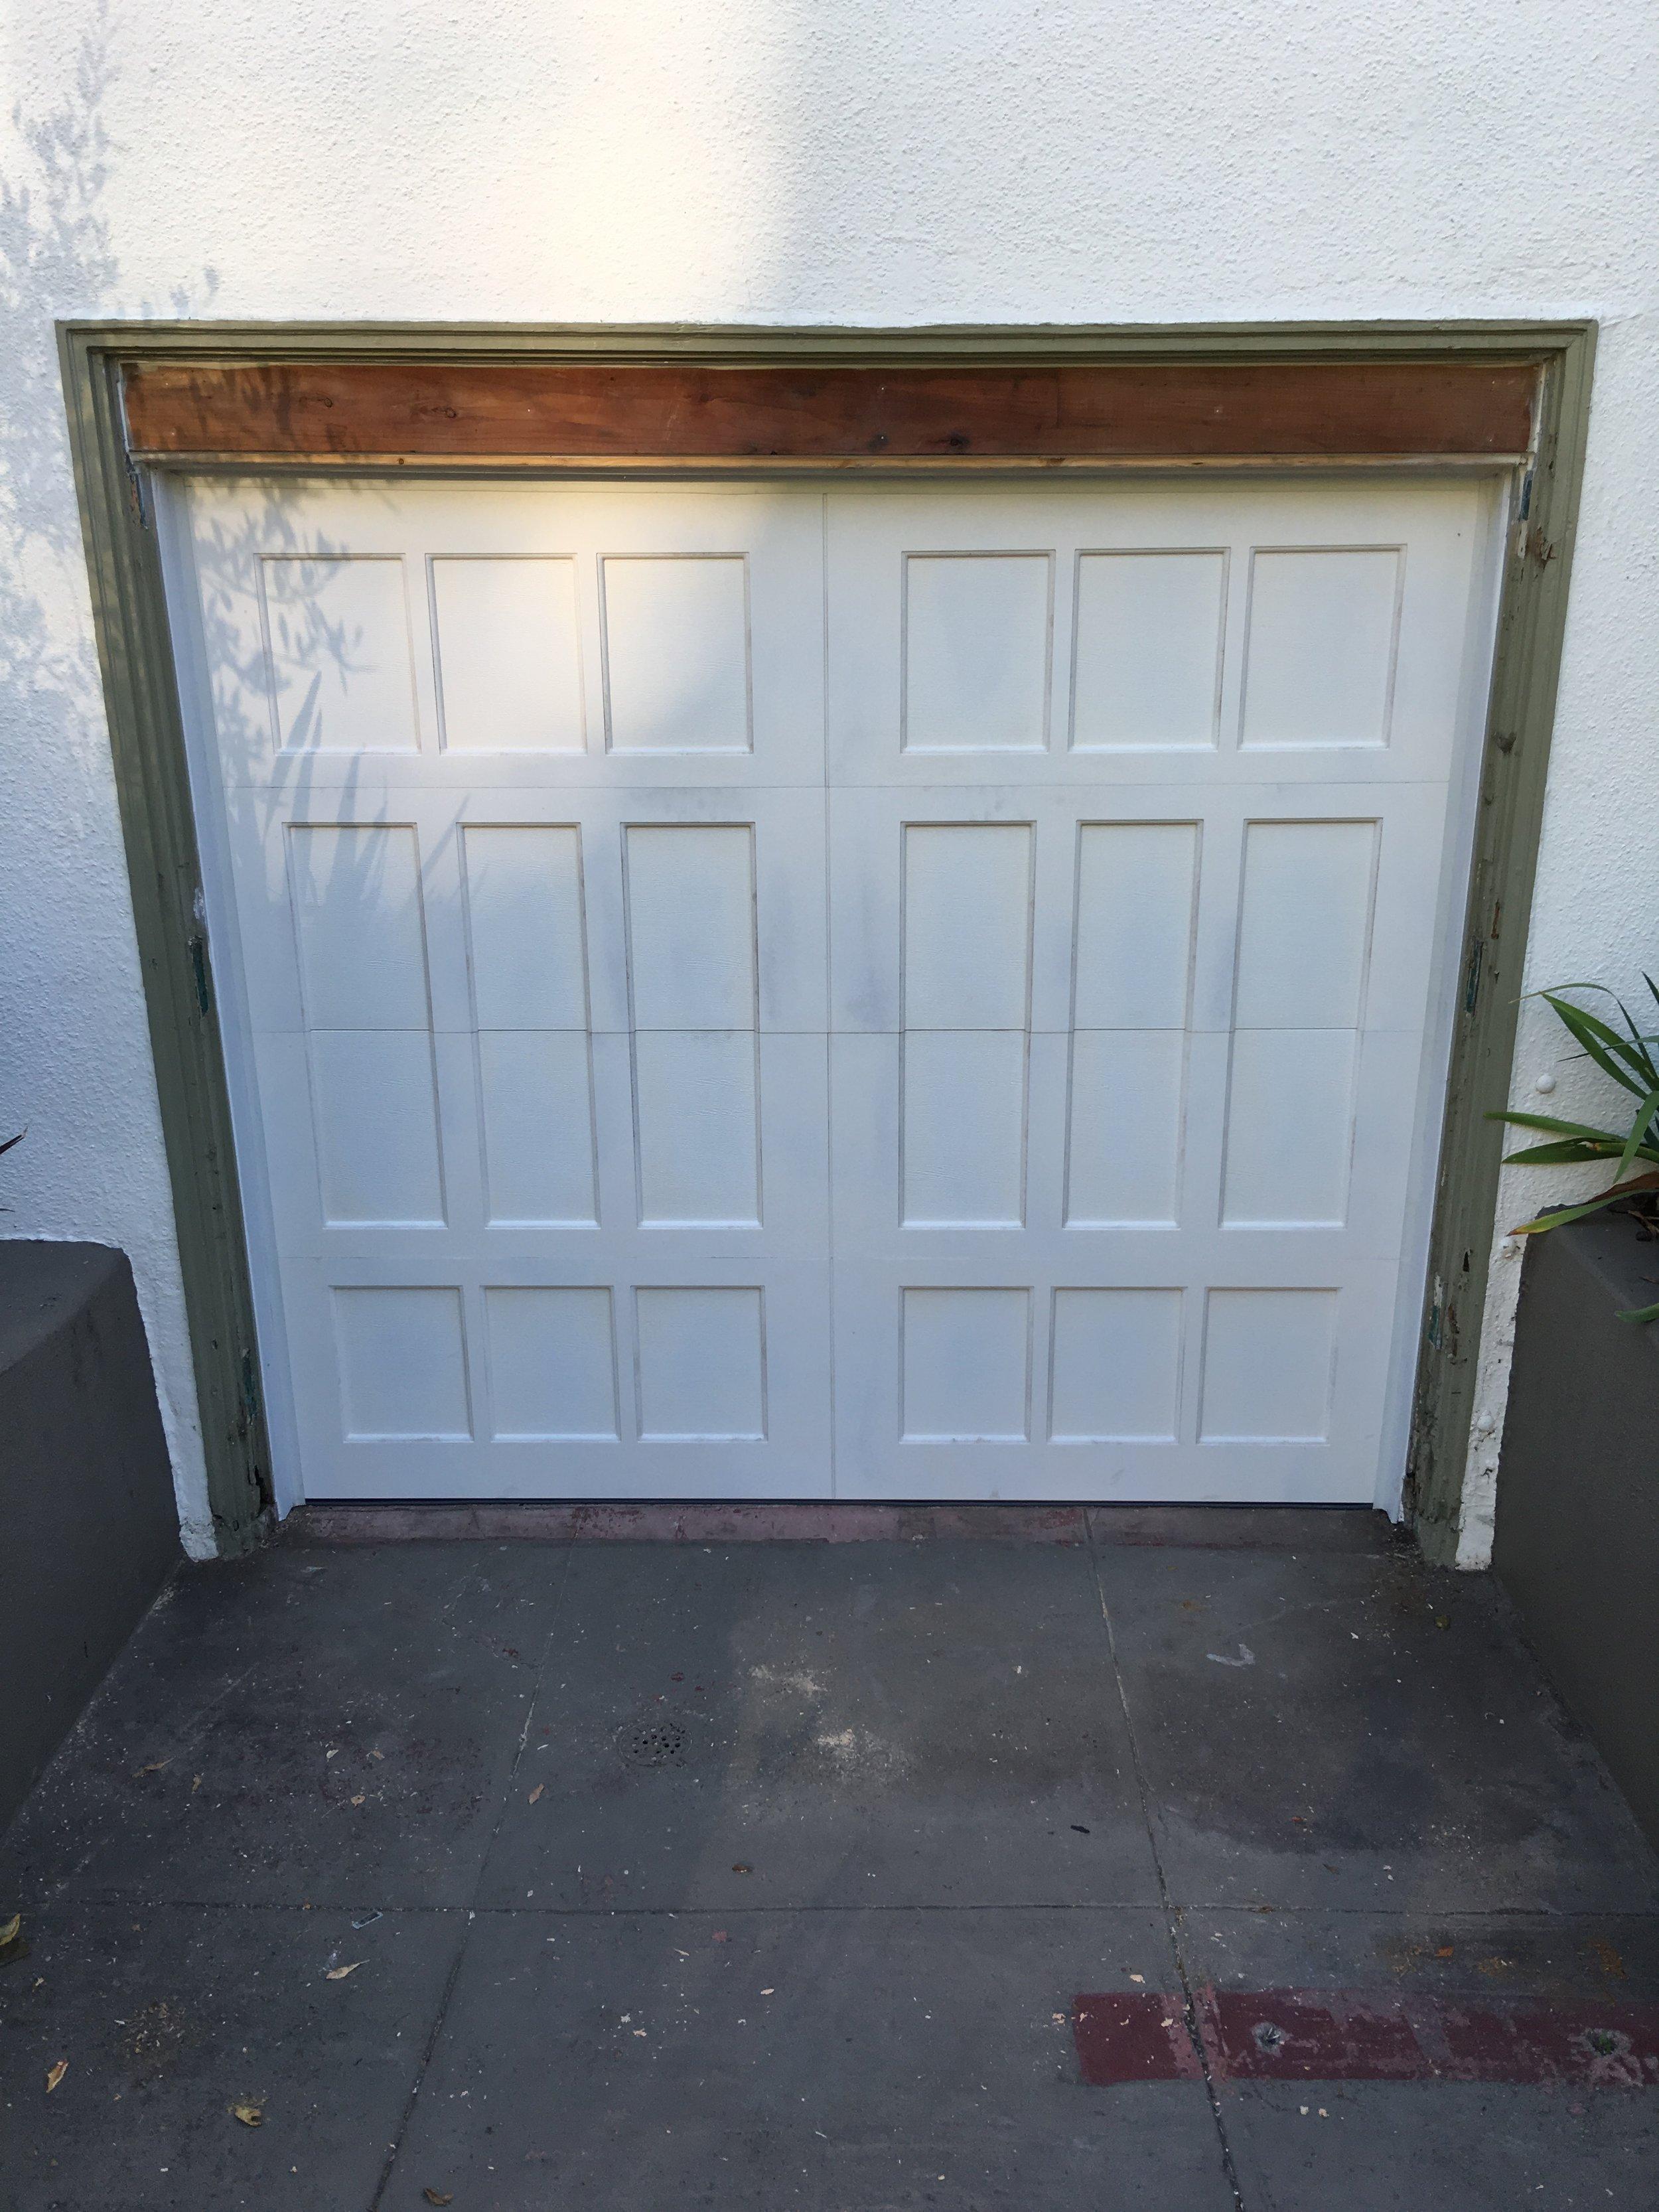 all bay garage doors - carriage house garage door - kevin chervatin - 33.jpg